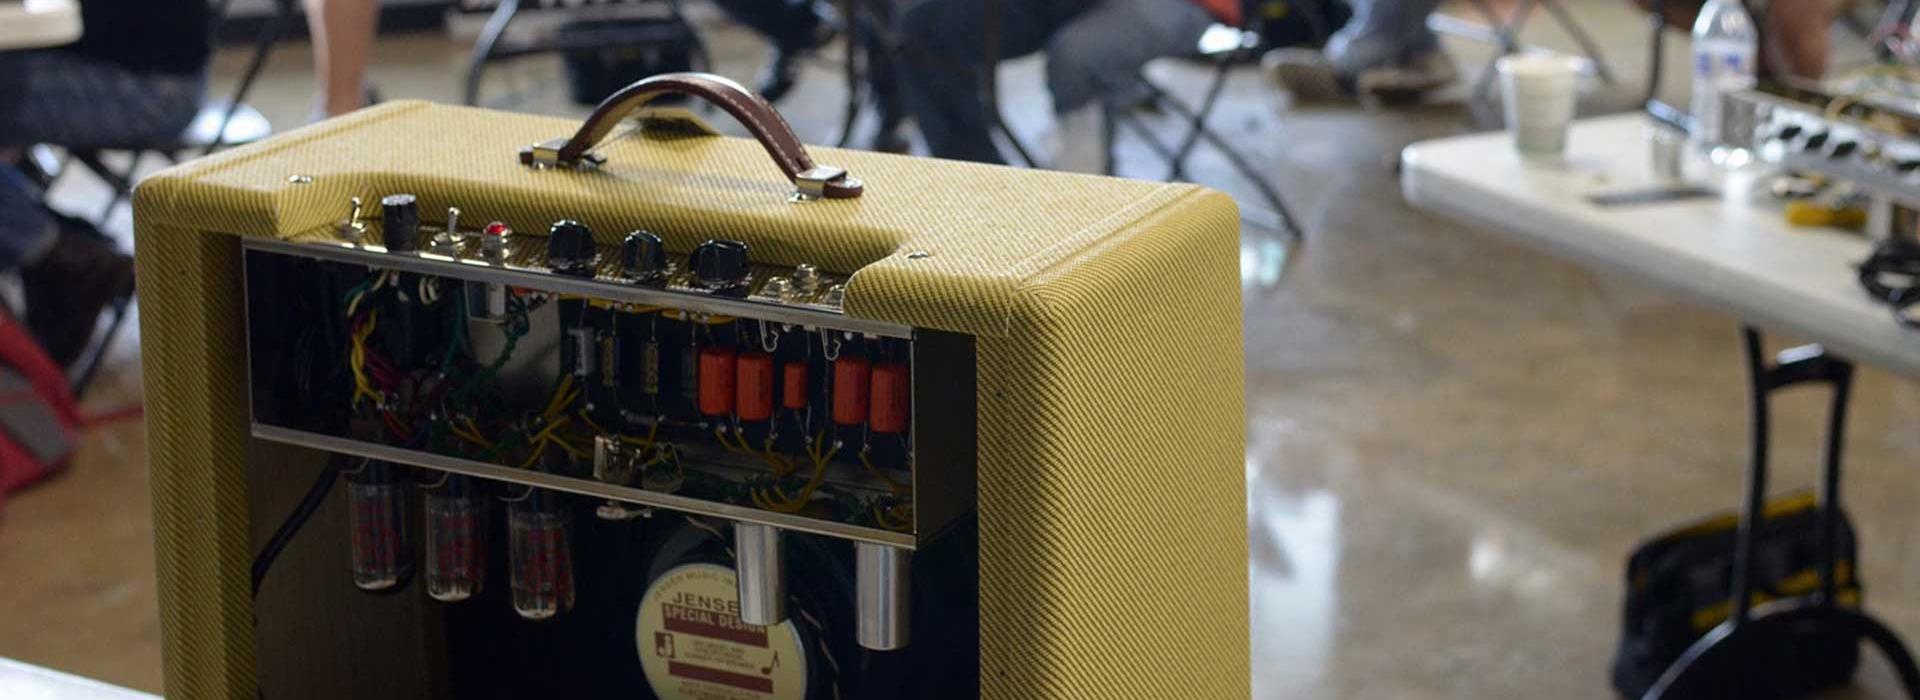 roberto venn specialty amp 1920x700 Mojotone Tube Amp